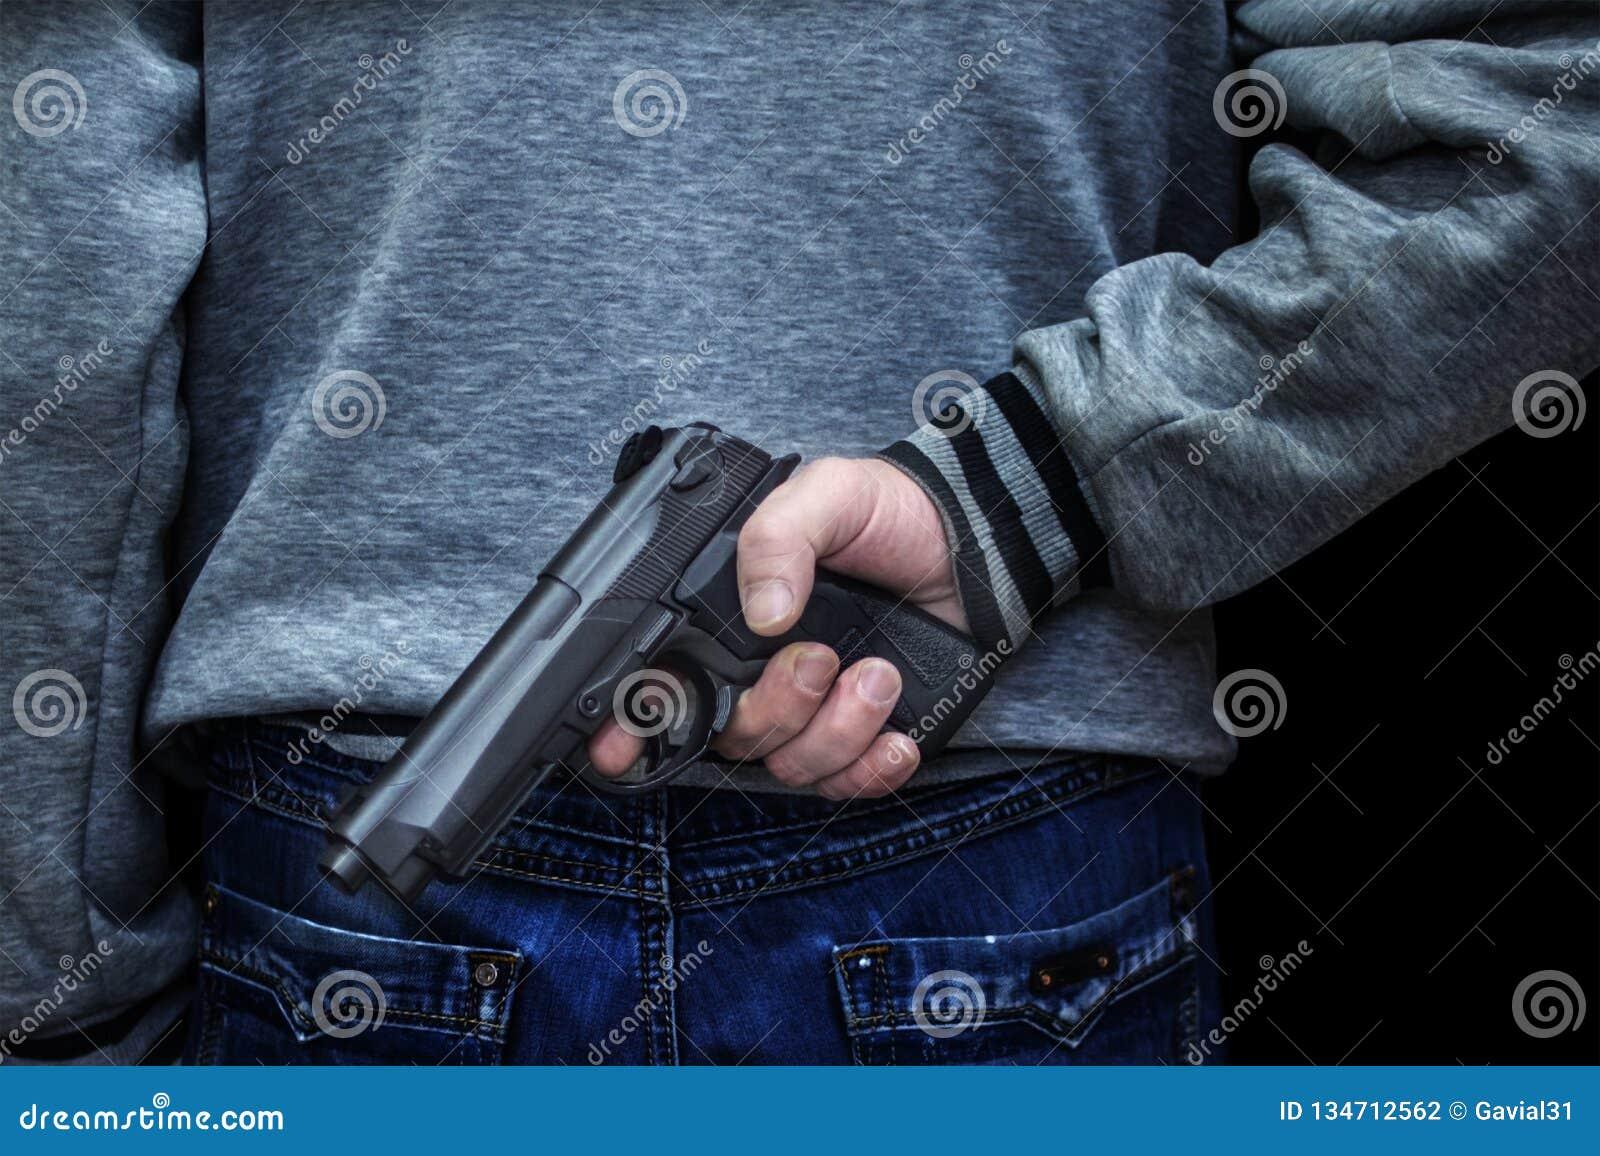 Homme tenant une arme à feu derrière le sien de retour sur un fond noir concept du danger, crime